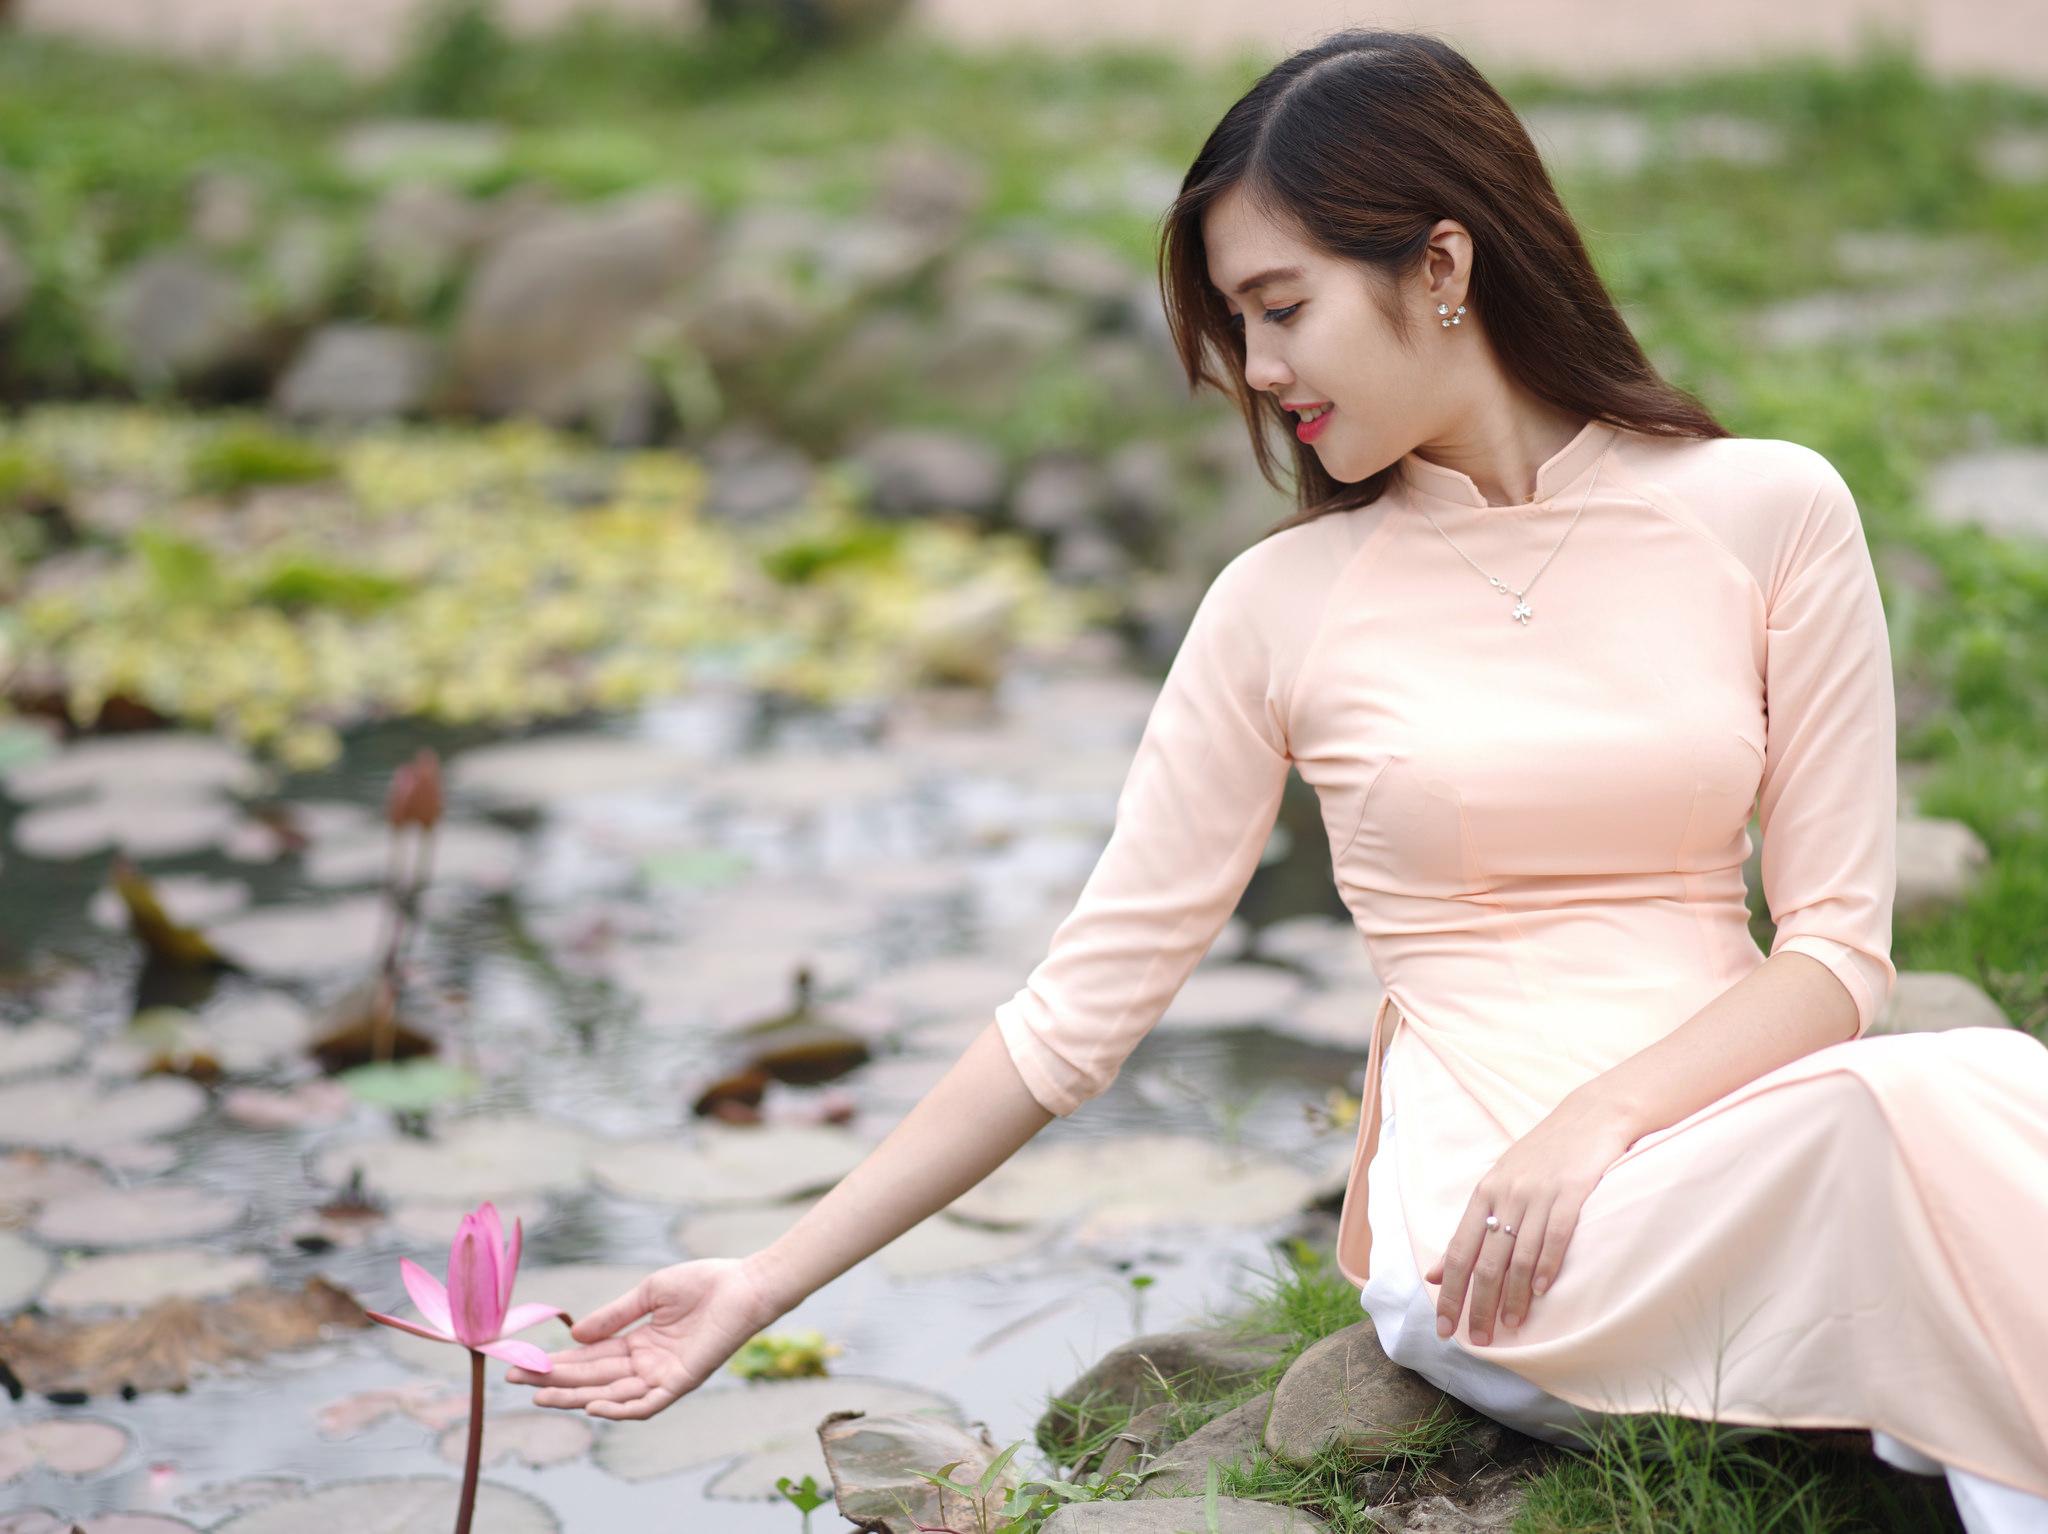 Tuyển tập girl xinh gái đẹp Việt Nam mặc áo dài đẹp mê hồn #60 - 5